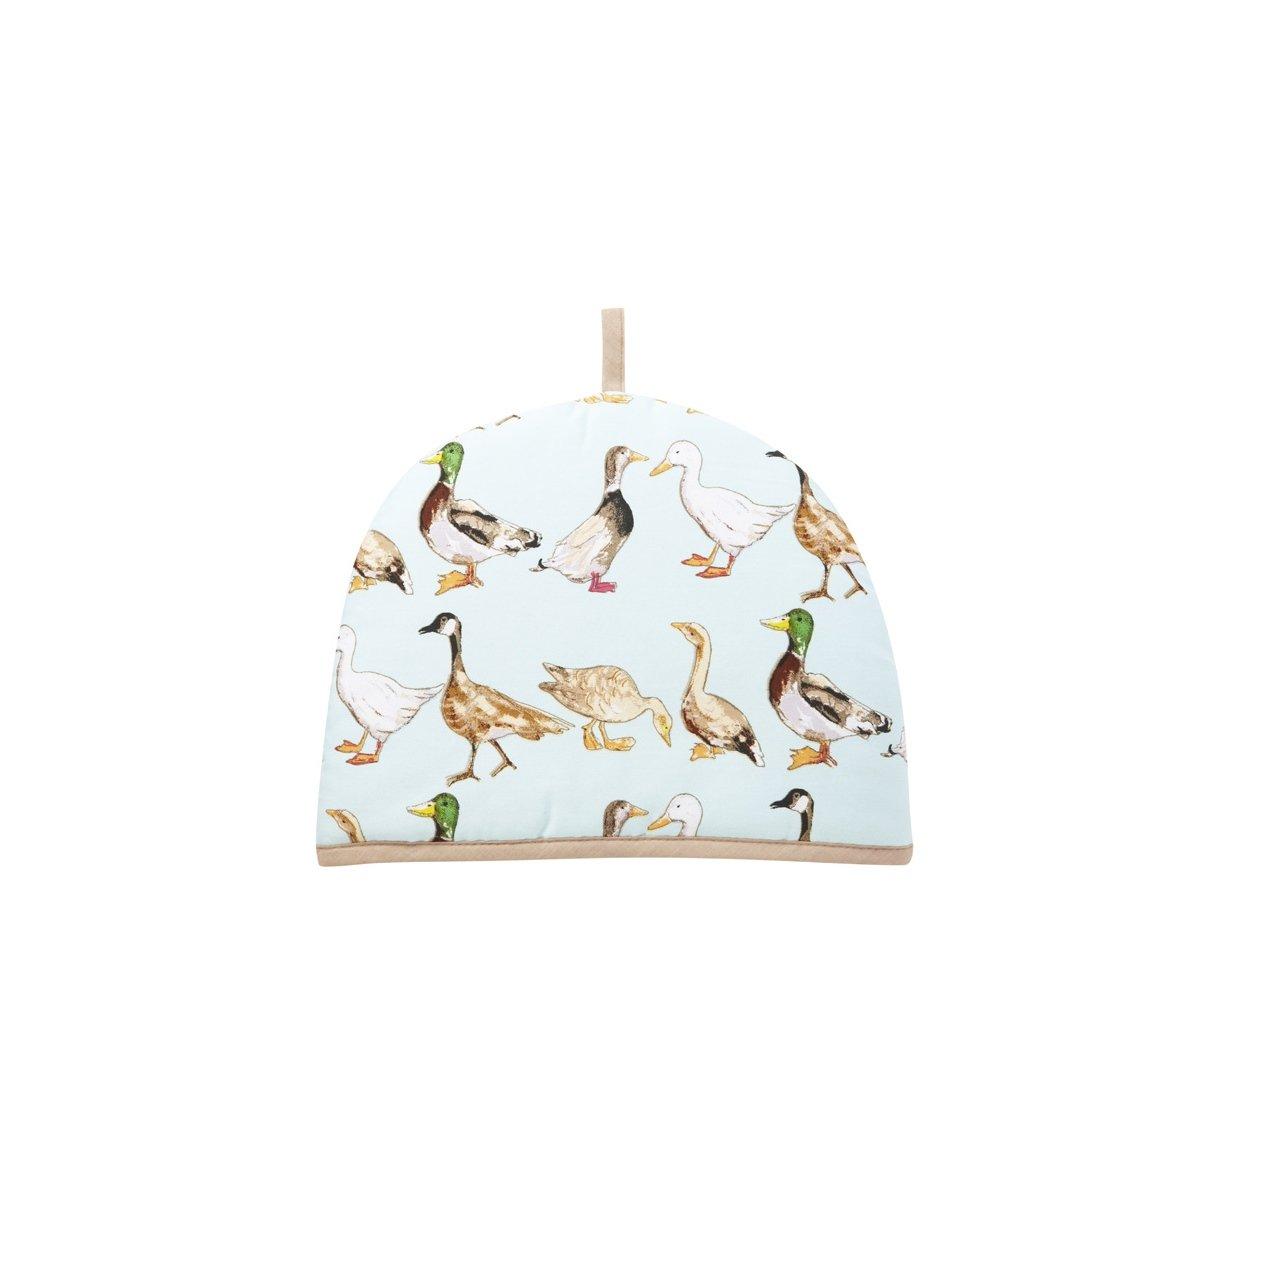 Ducks Tea Cosy Ulster Weavers 7DUC04